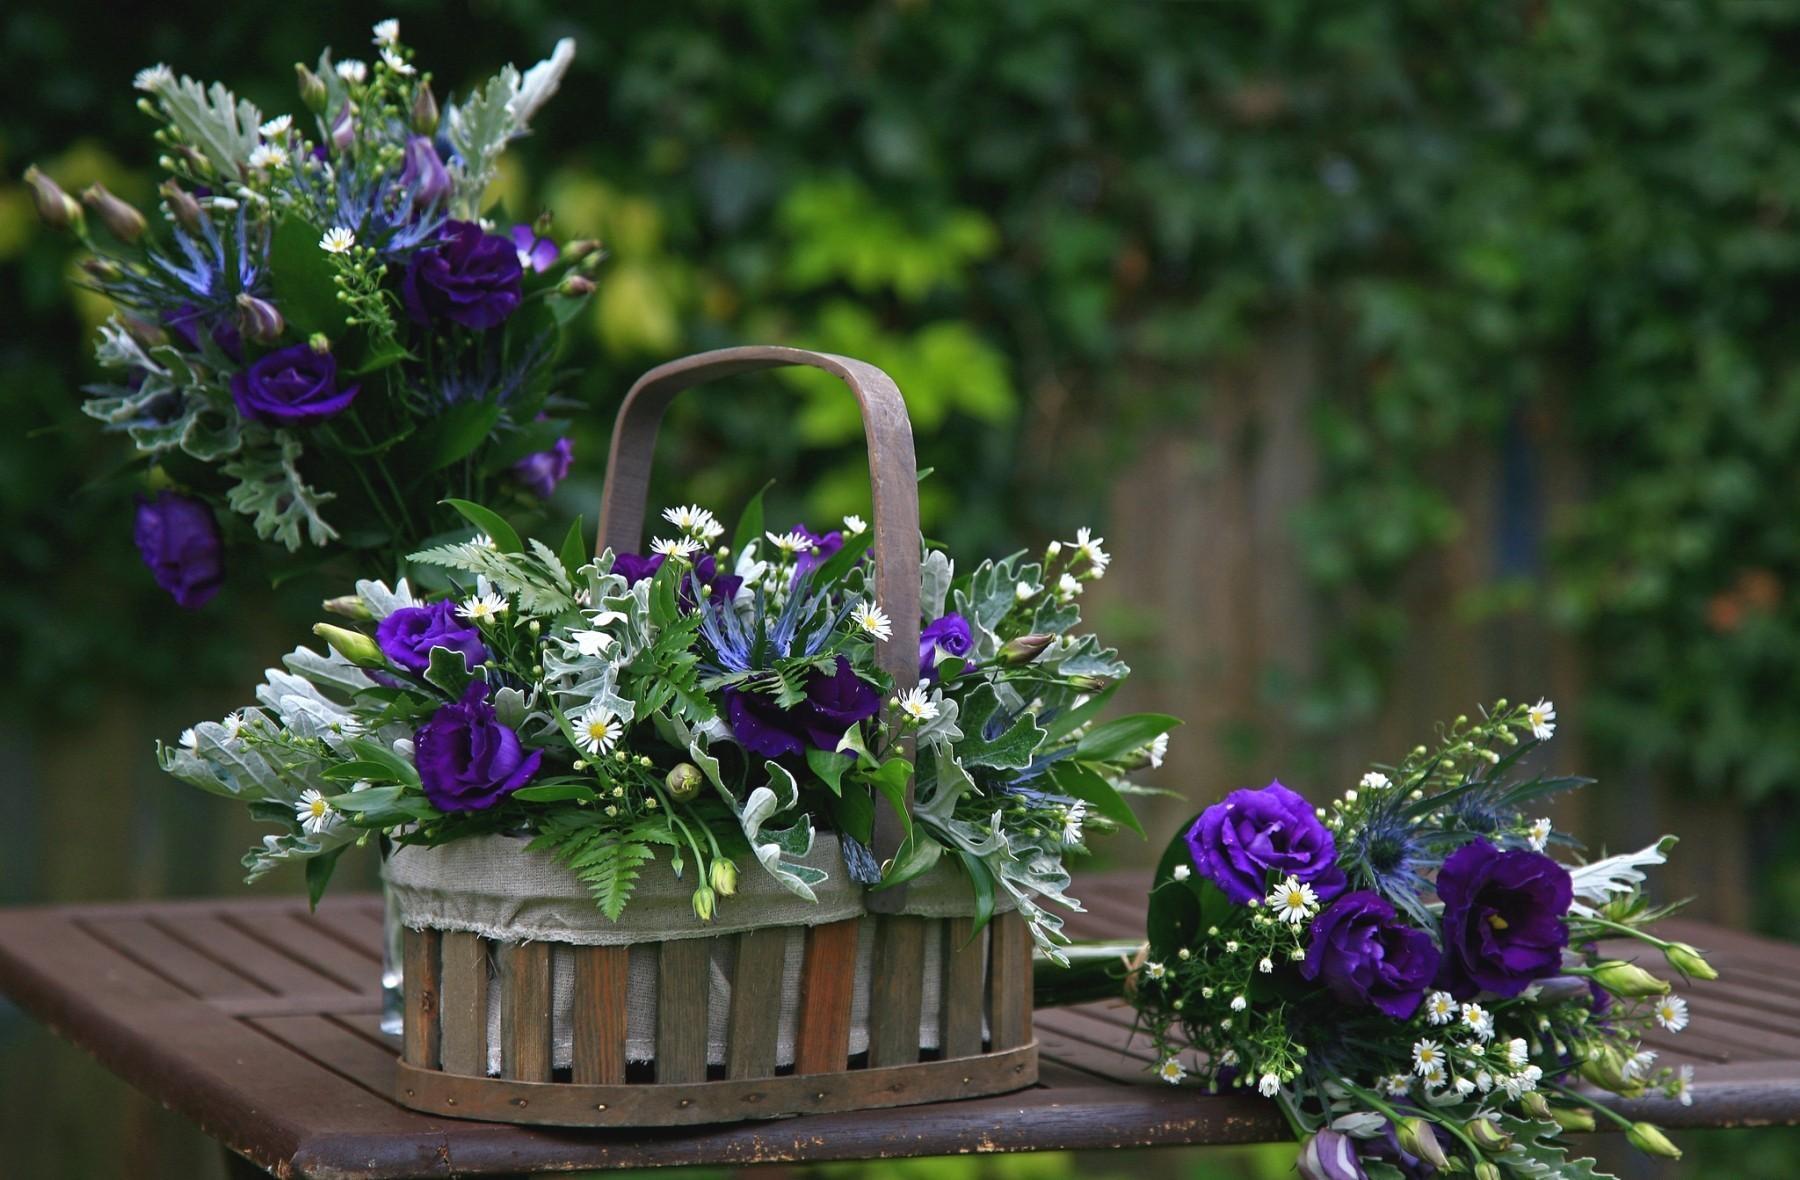 104410 télécharger le fond d'écran Fleurs, Camomille, Panier, Tableau, Table, Légumes Verts, Verdure, Composition, Roses, Bouquets - économiseurs d'écran et images gratuitement